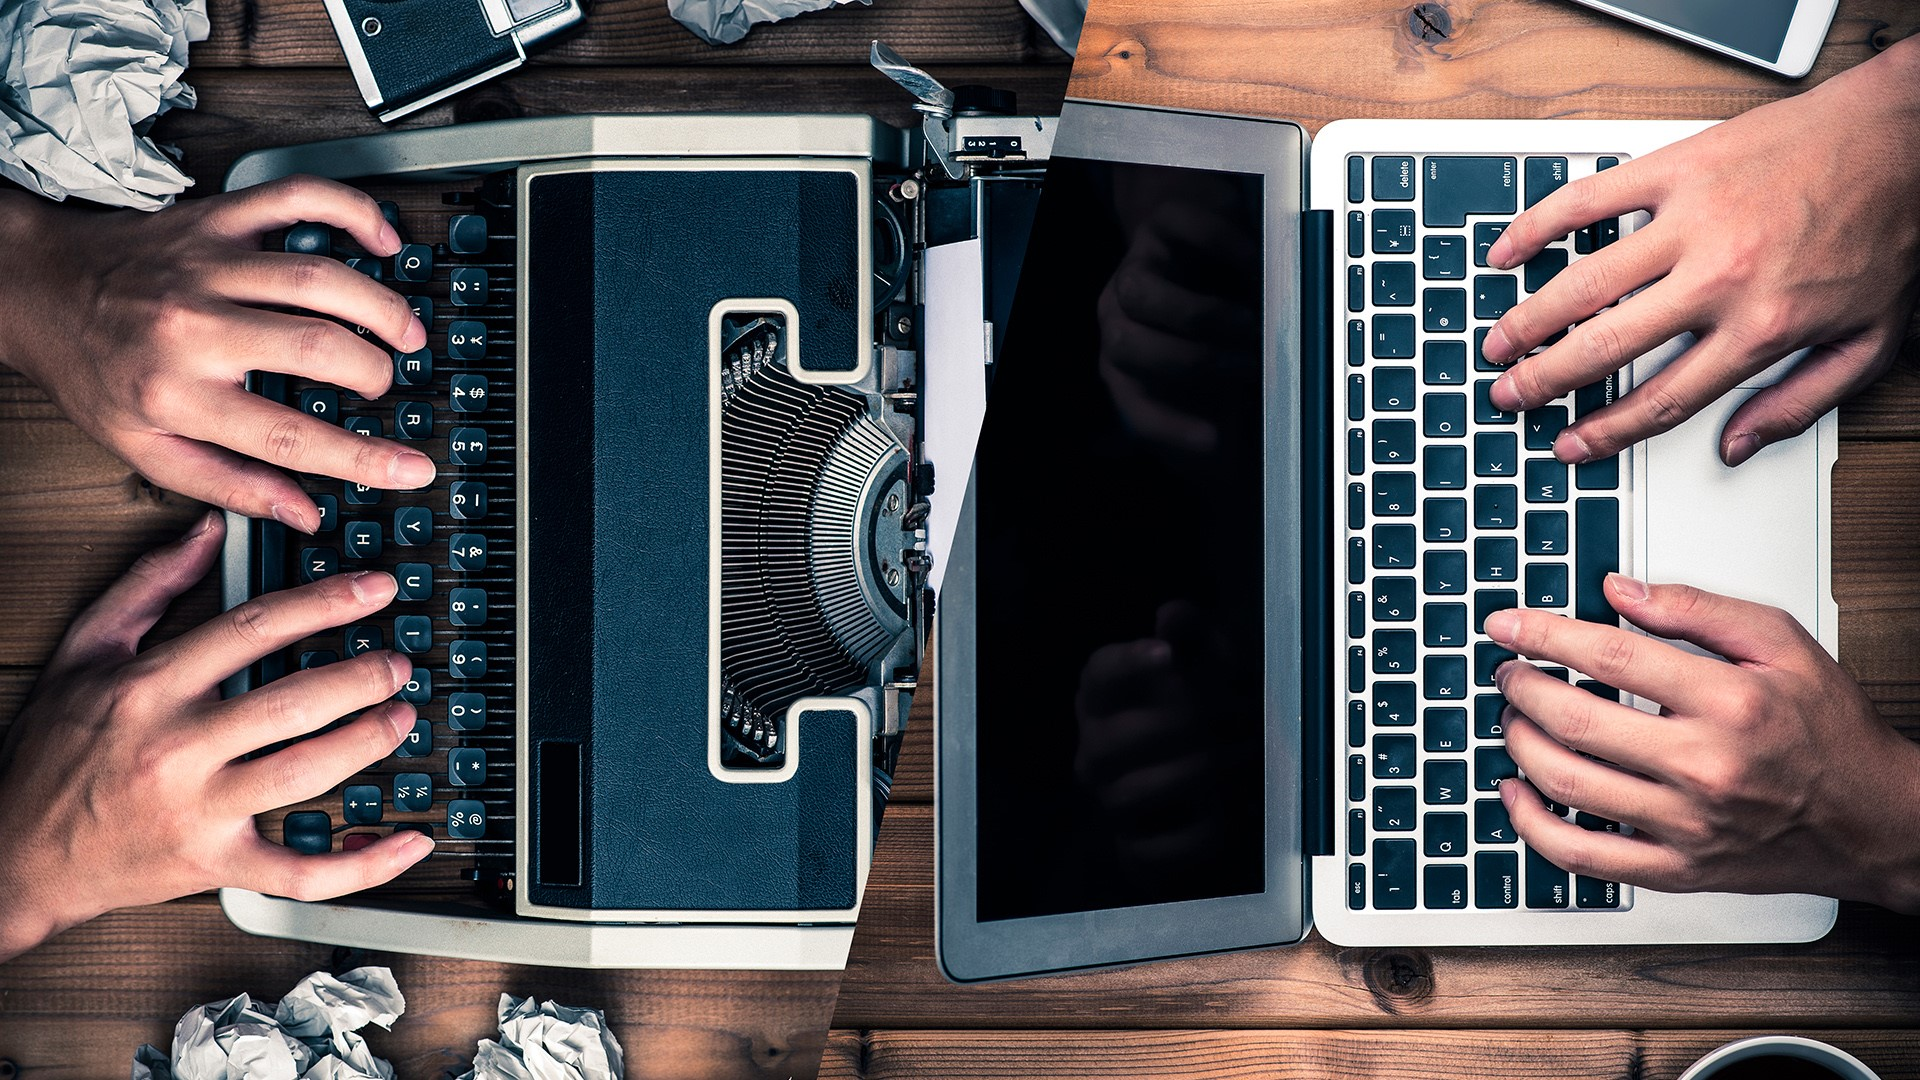 O mundo digital substitui executivos analógicos